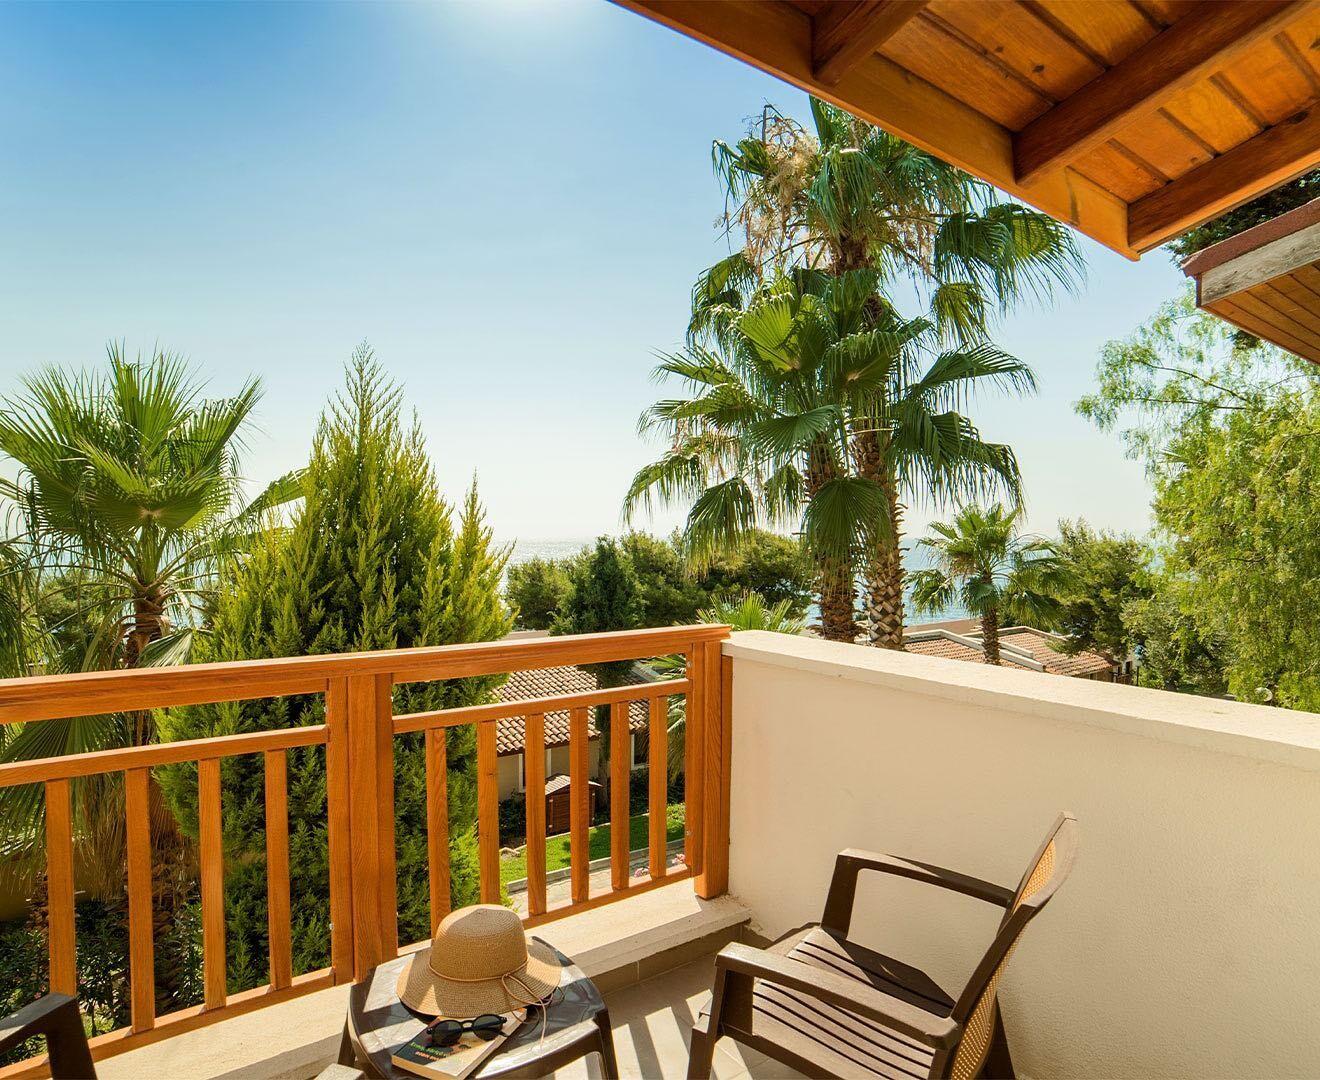 Pine Bay Holiday Resort - тераса